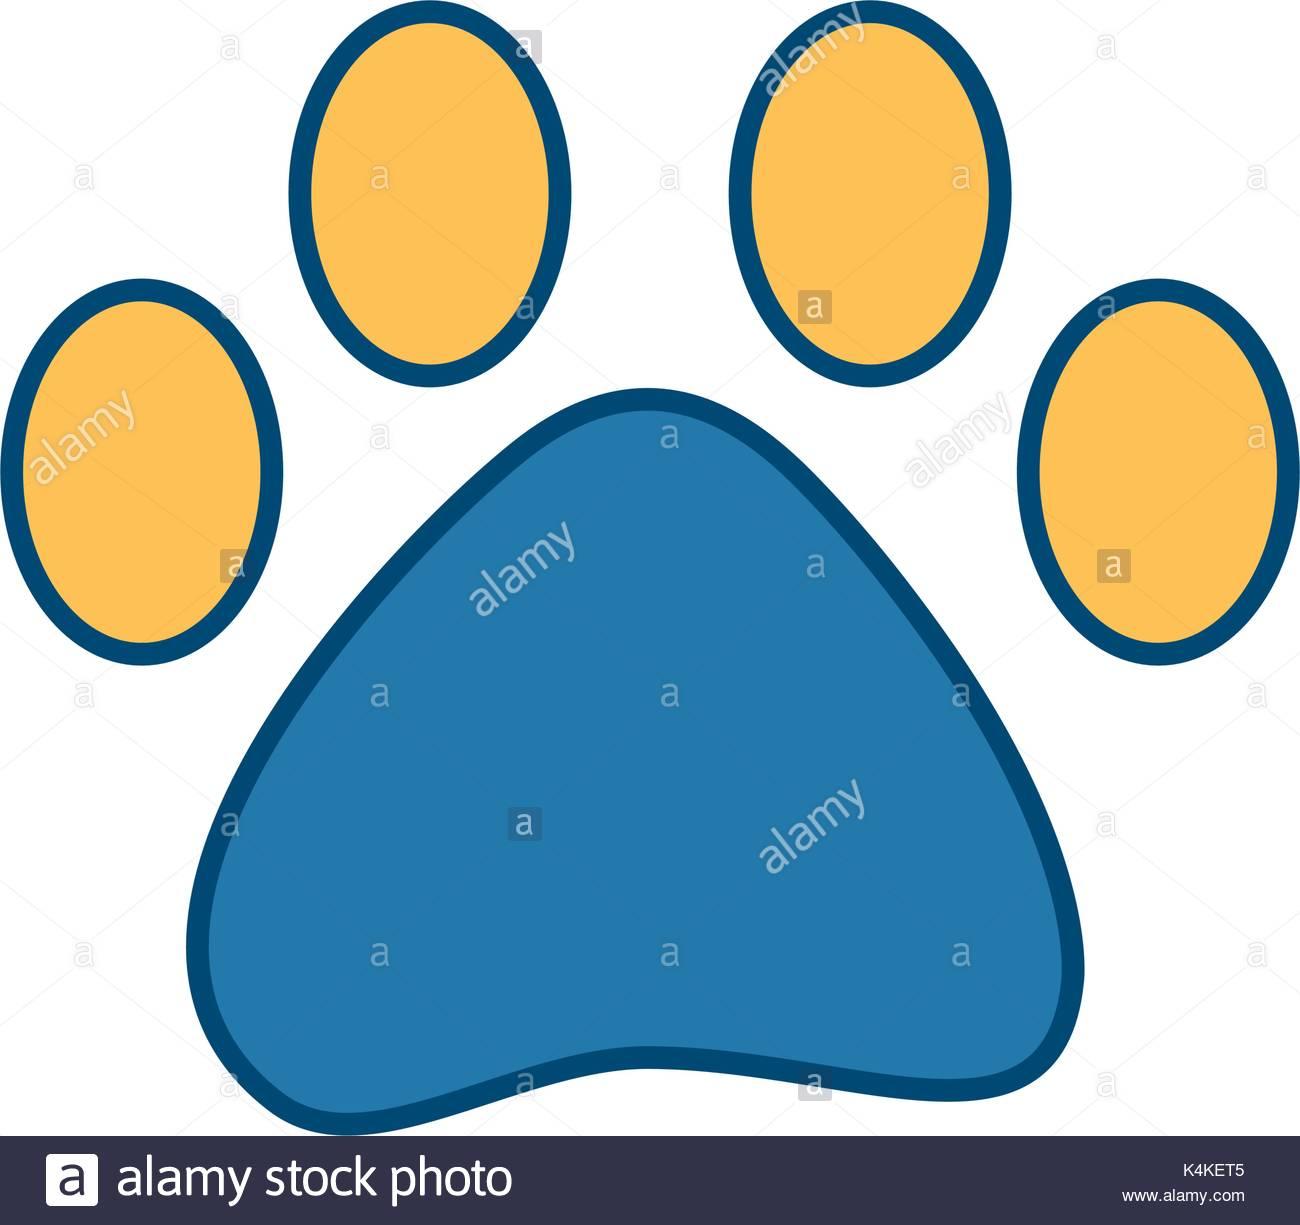 1300x1225 Dog Footprint Stock Photos Amp Dog Footprint Stock Images